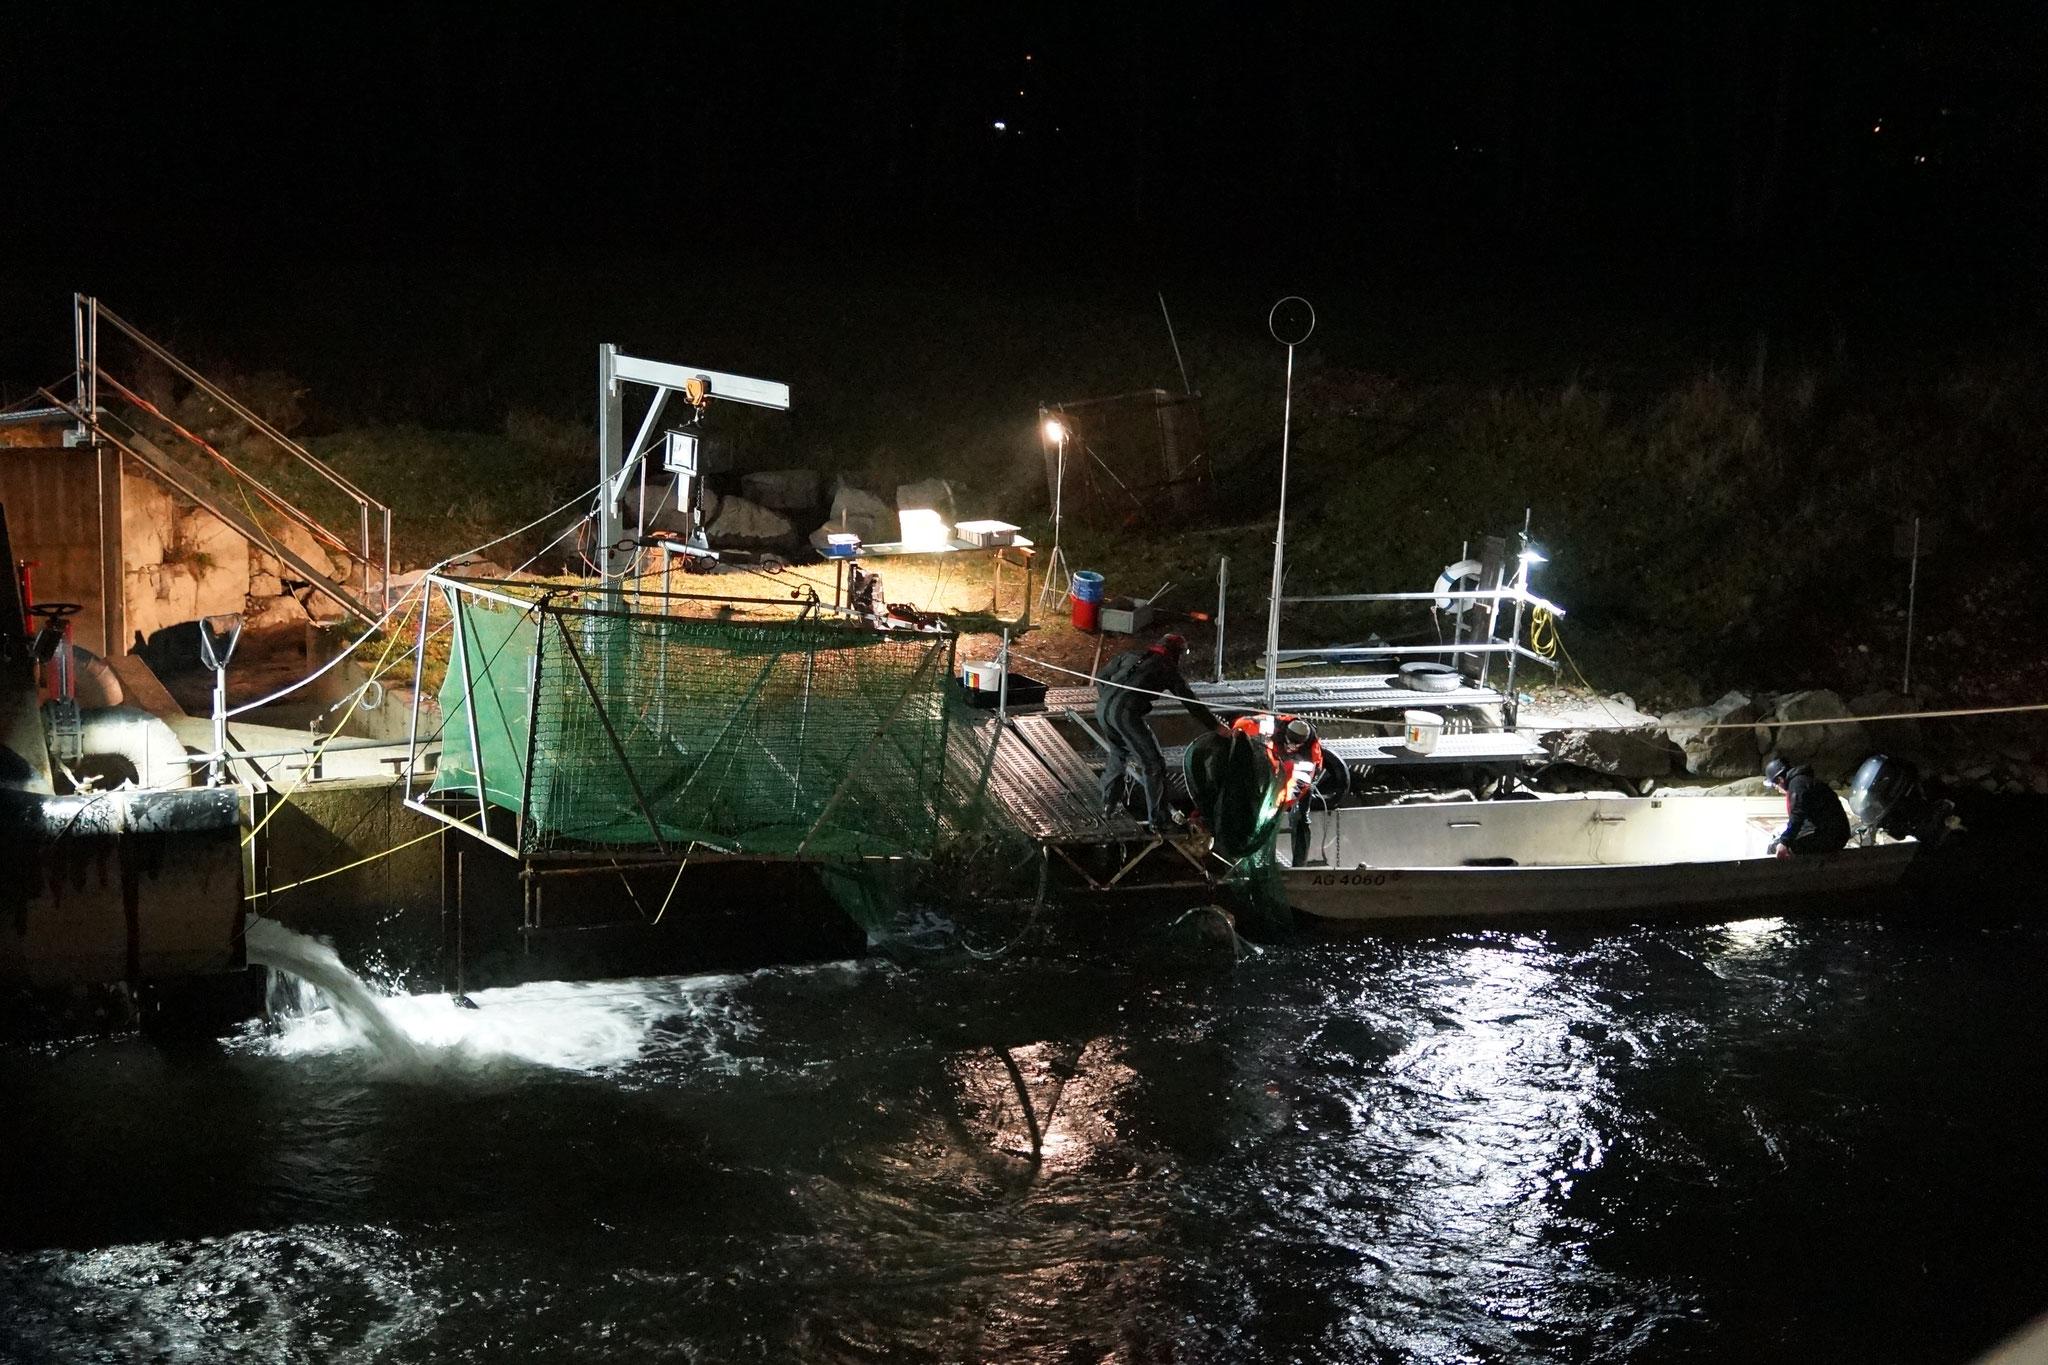 Fischabstiegsmonitoring mit unserer Infrastruktur